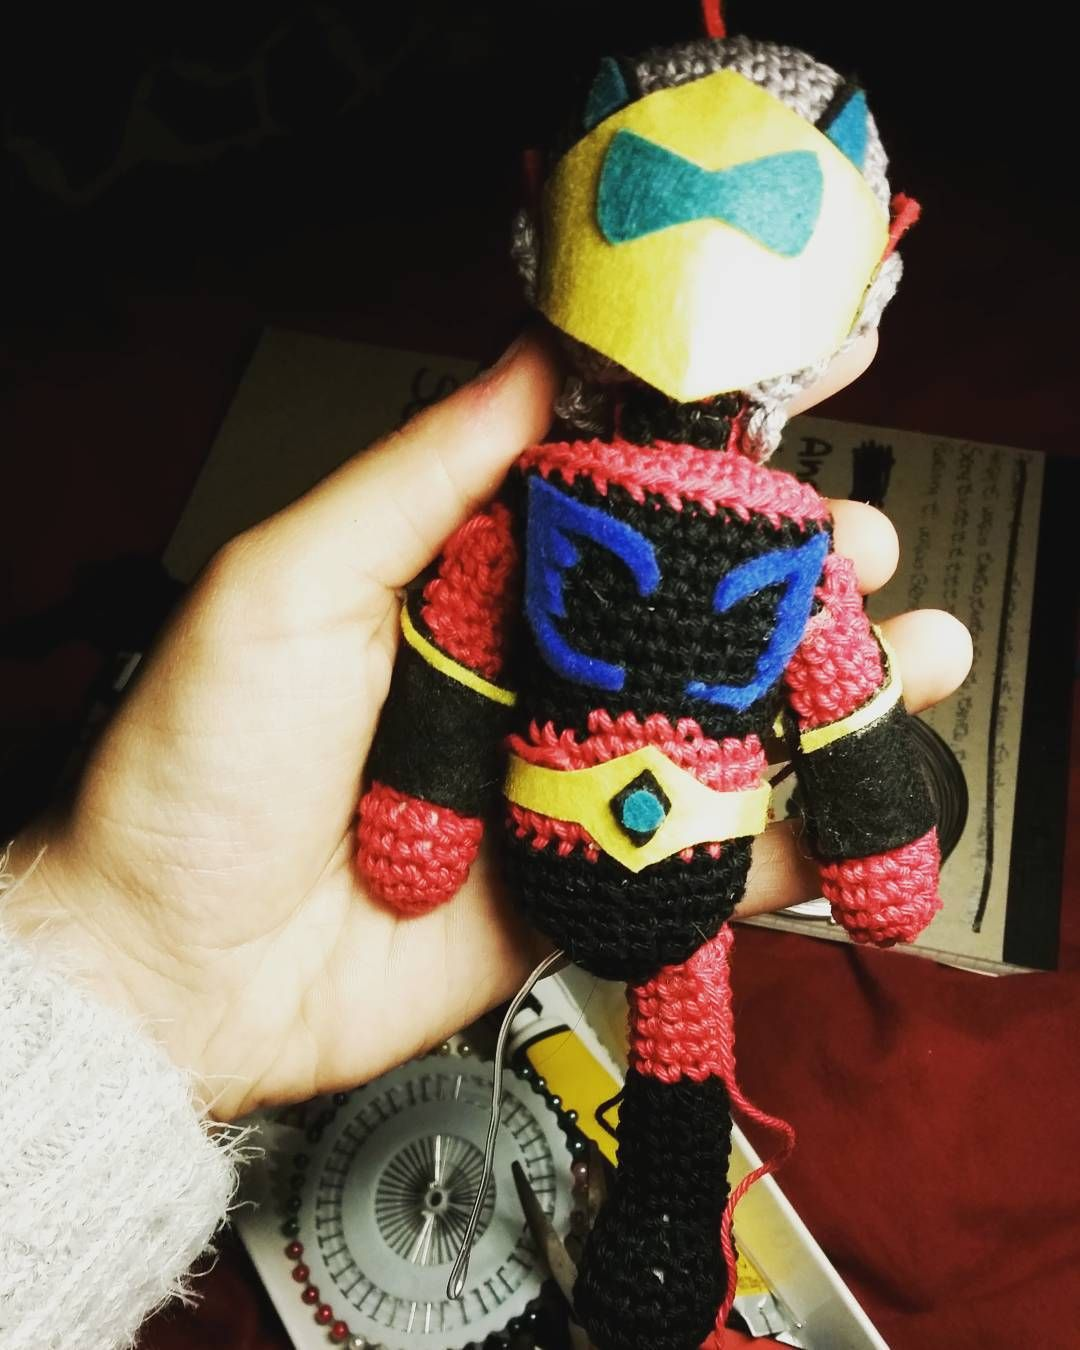 Il mio culo è  diventato quadrato ma ne vale la pena.. manca poco #amigurumi #actarus #goldrake #cartoons #cartoon #crochet  #wip #work #in #progress #presto #a #casa #briatore by nika_crochet